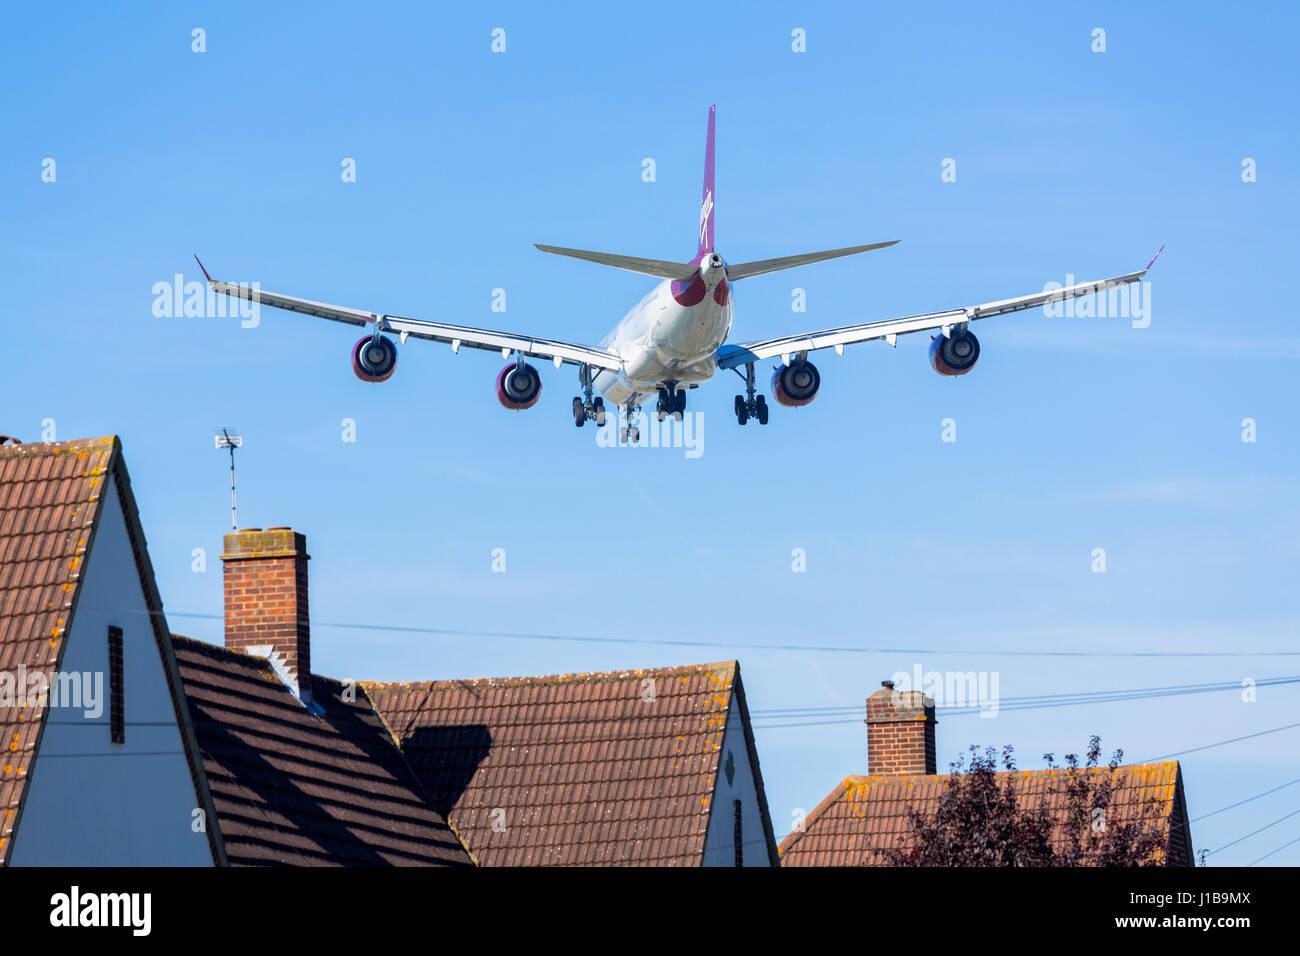 Aviones que volaban a baja altura sobre las casas causando contaminación acústica, el aeropuerto de Heathrow, Imagen De Stock